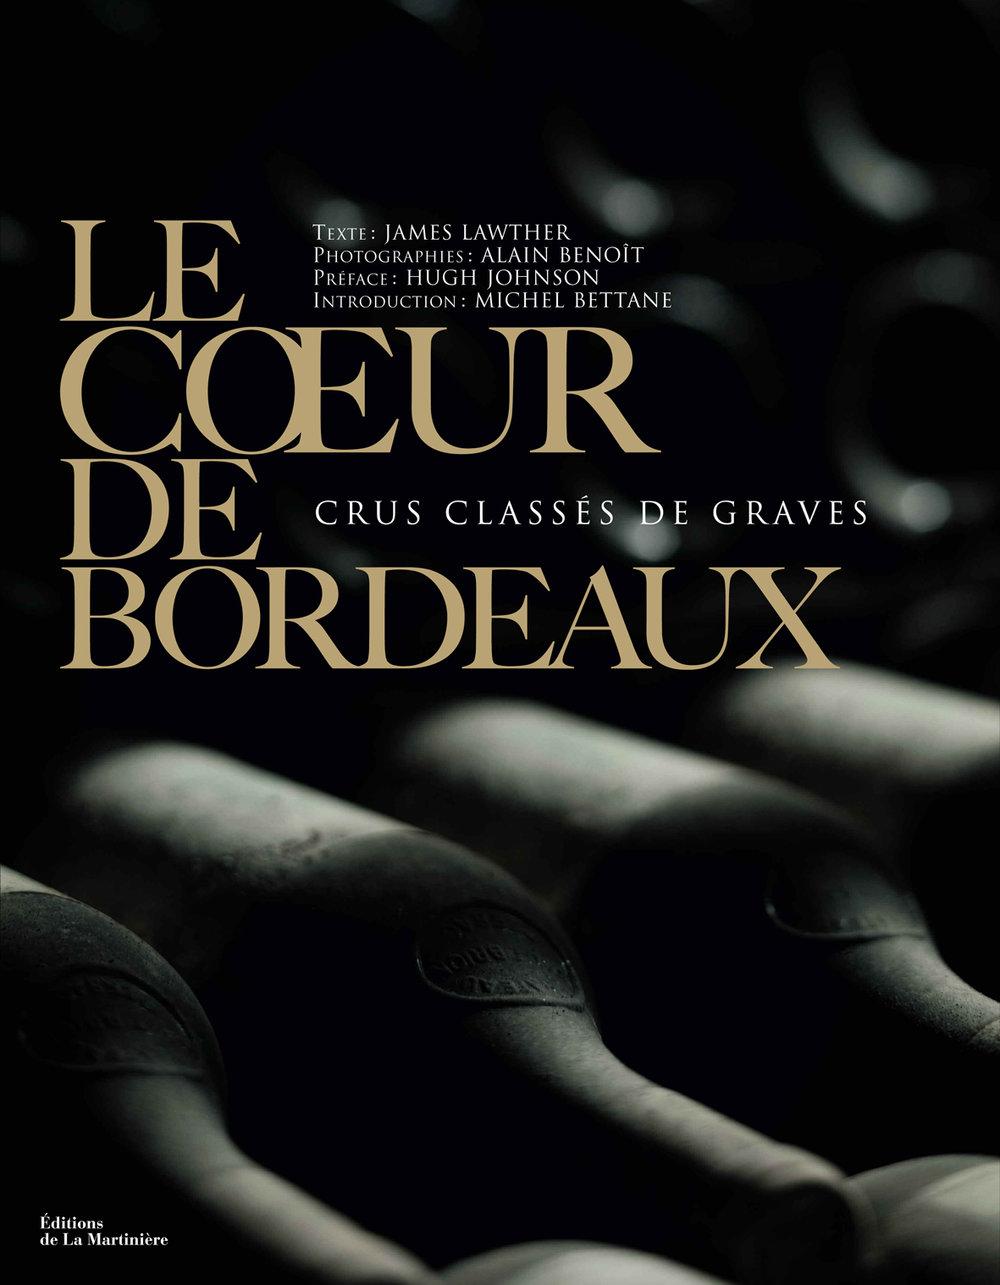 Crus Classé de GravesLe Cœur de Bordeaux - Corporate Book Design for French Wine ProducersLes Crus Classés de GravesClient: Les Crus Classés de Graves / La Martinière